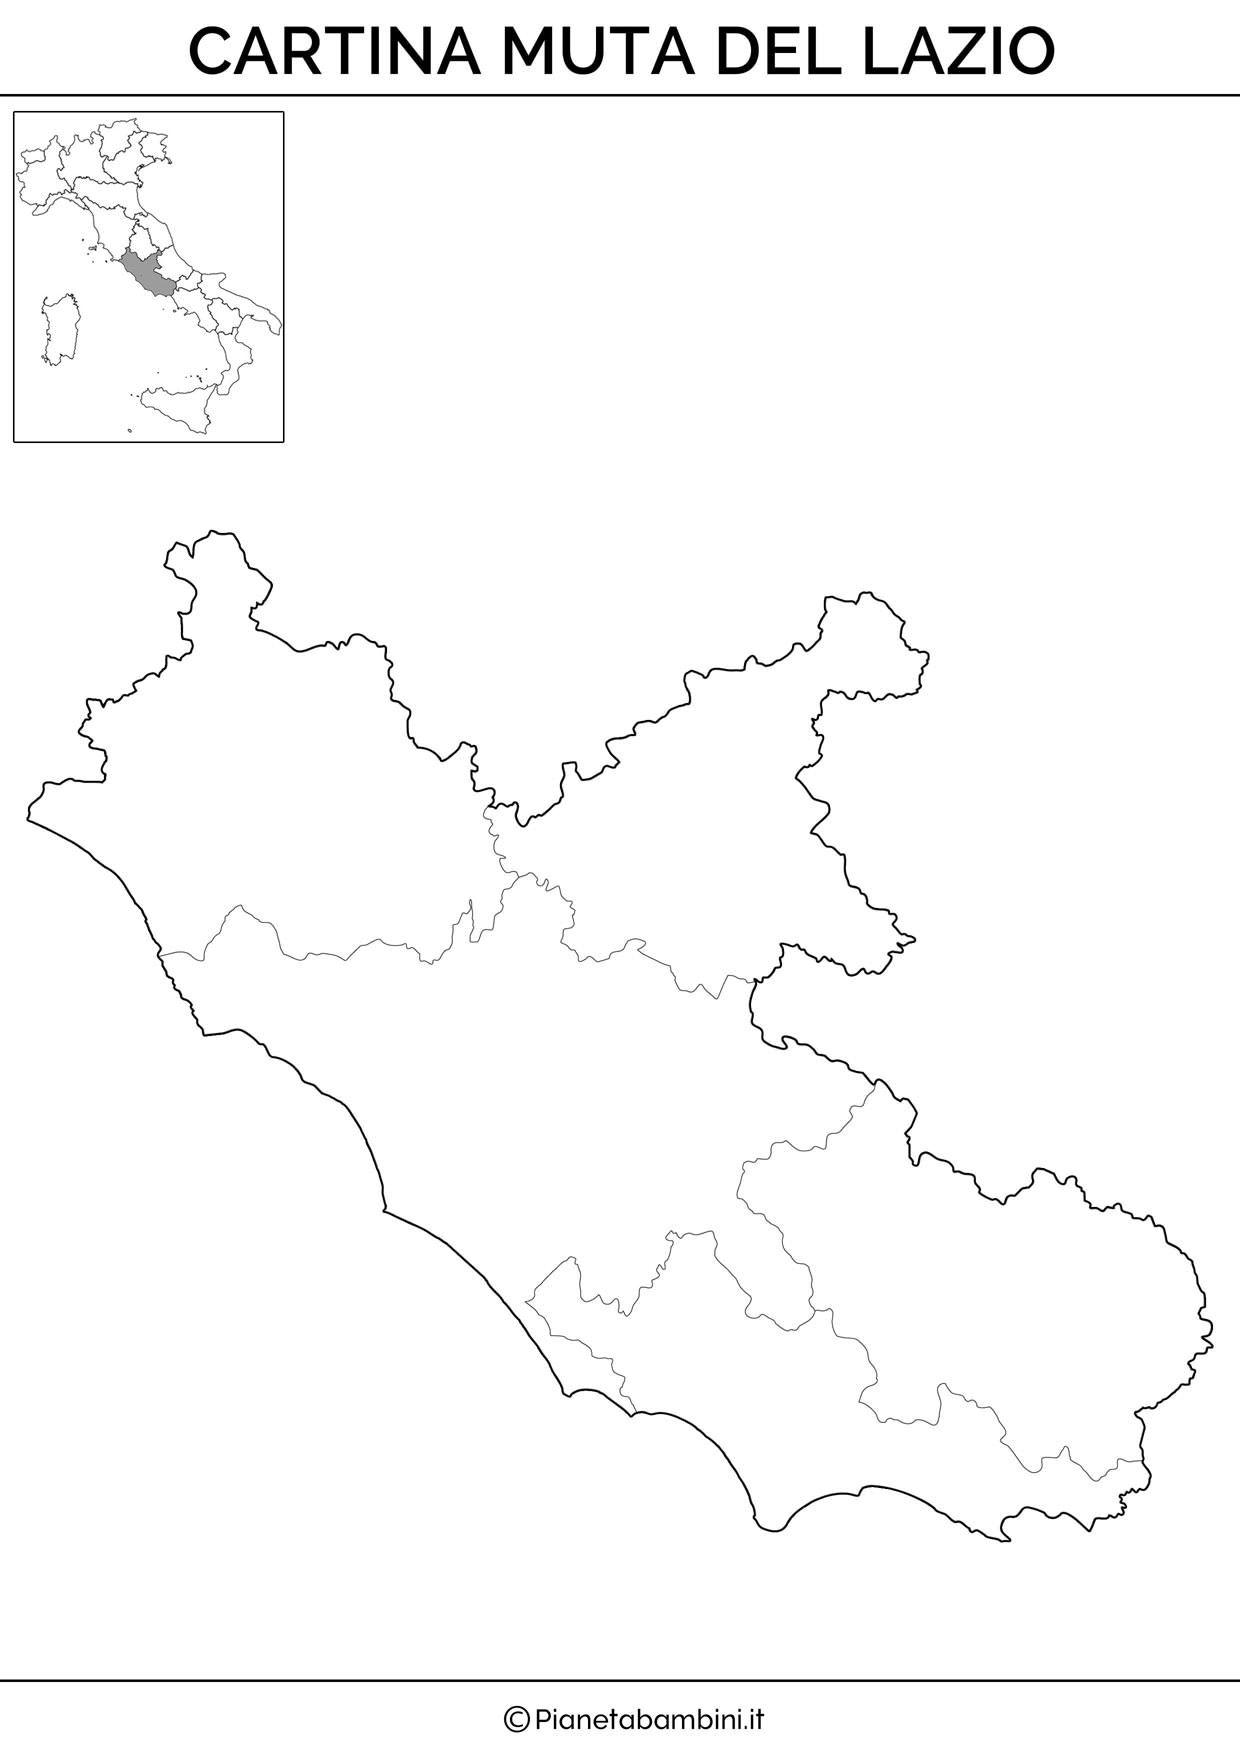 Cartina Geografica Fisica Lazio.Cartina Muta Fisica E Politica Del Lazio Da Stampare